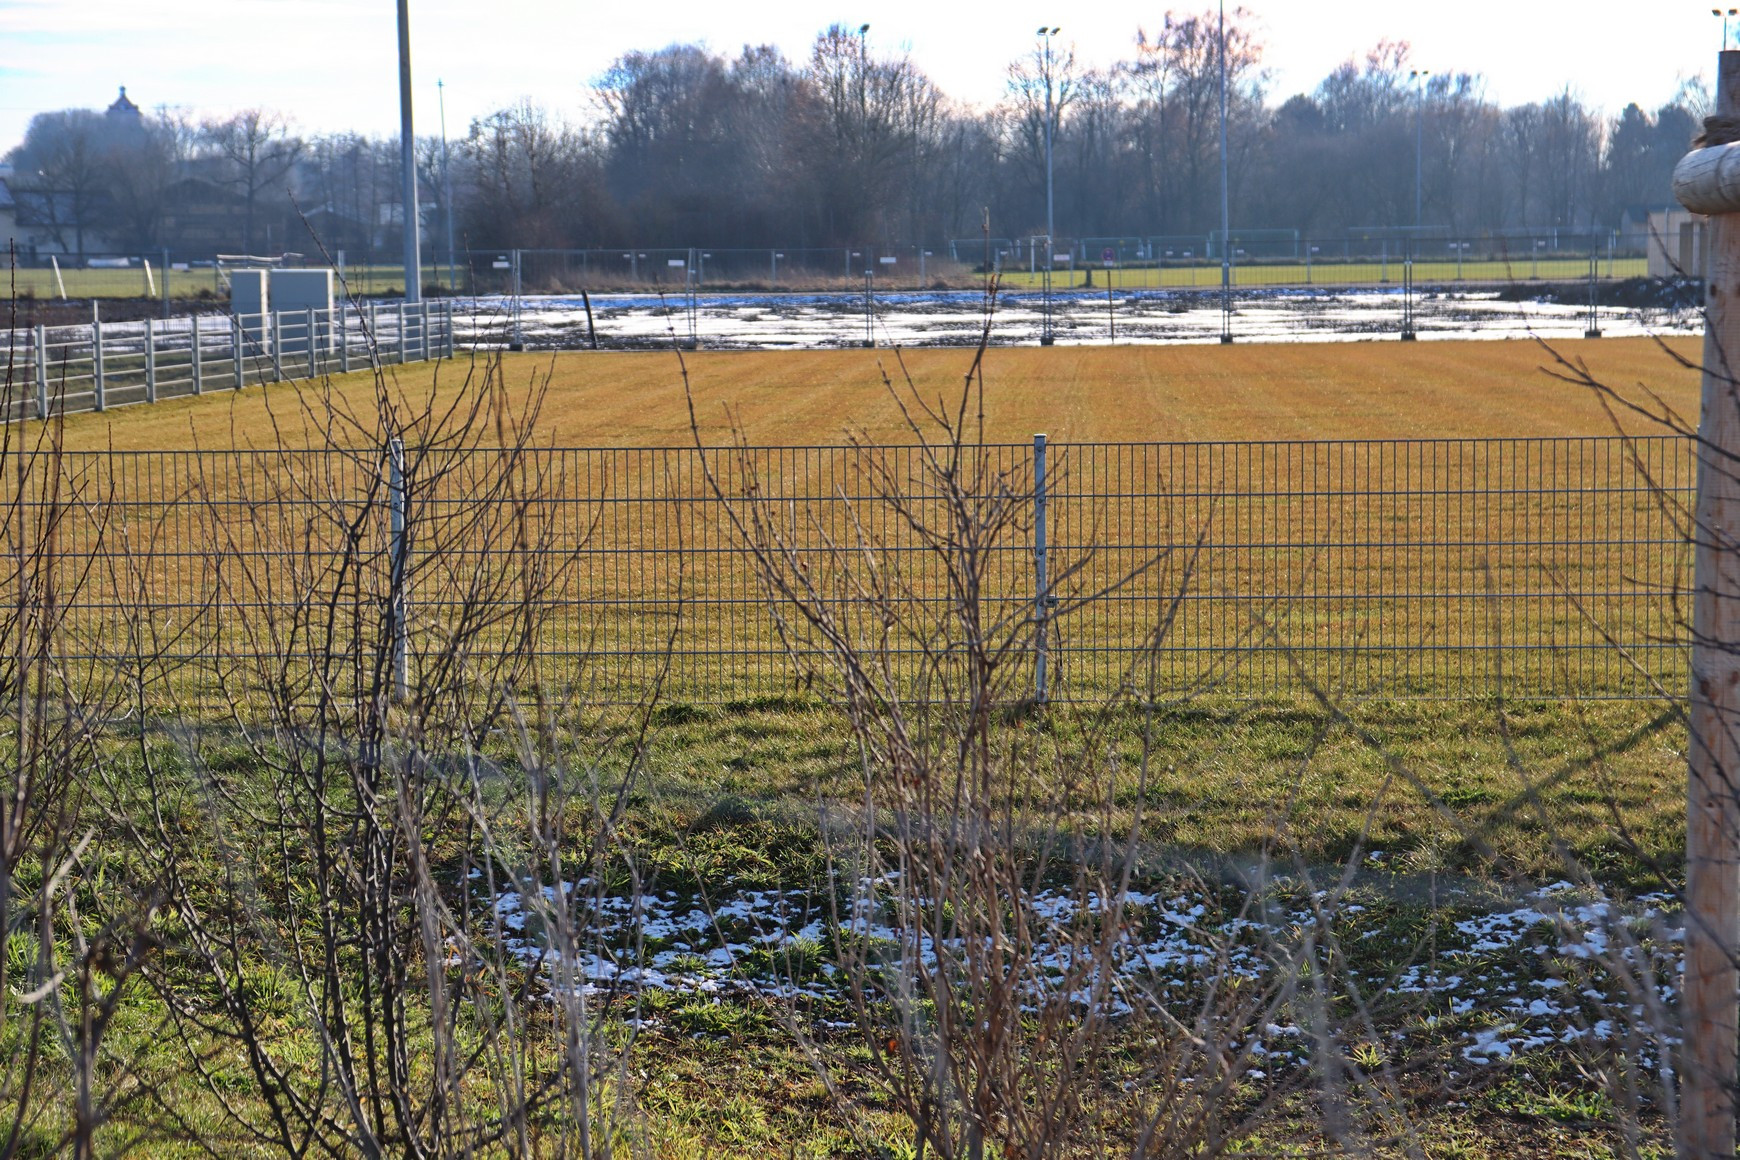 Gerd-Vogt-Sportpark-01012021-_3